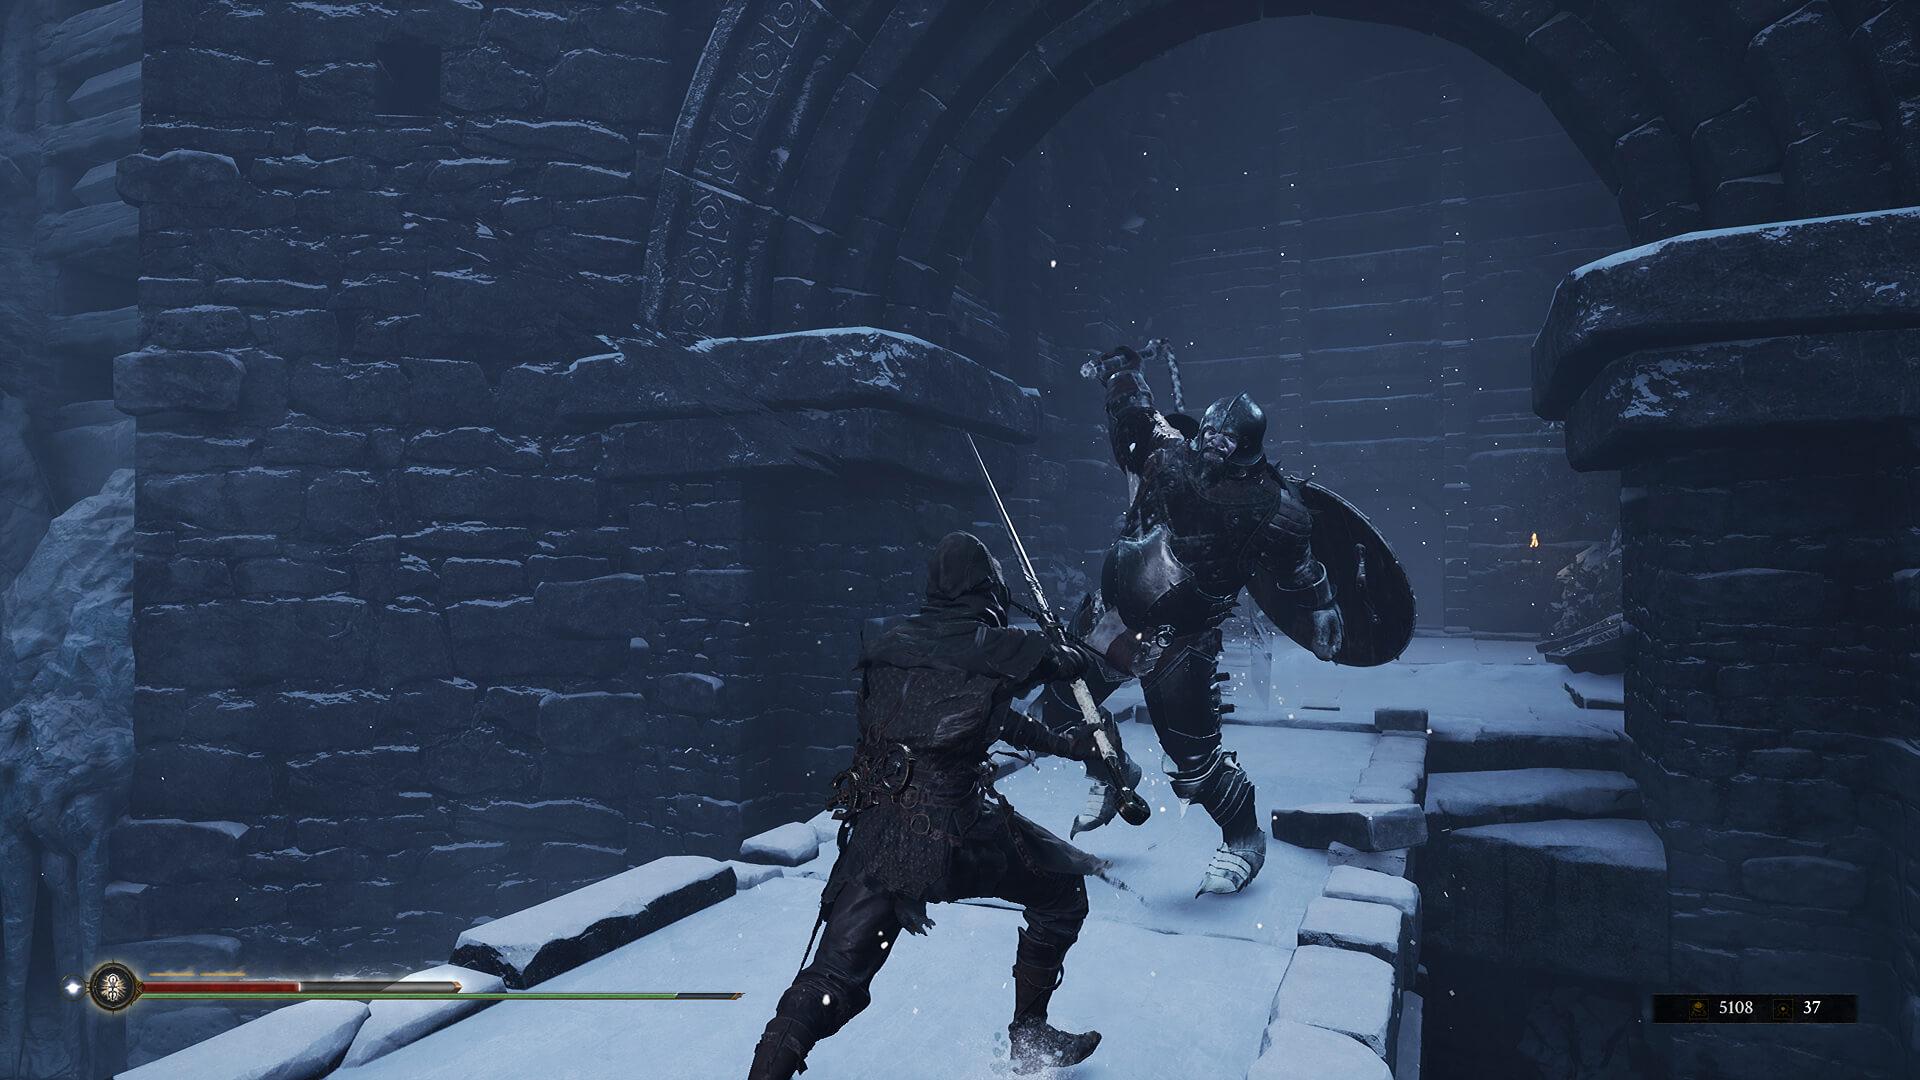 el combate es durísimo al jugar Mortal Shell jugar